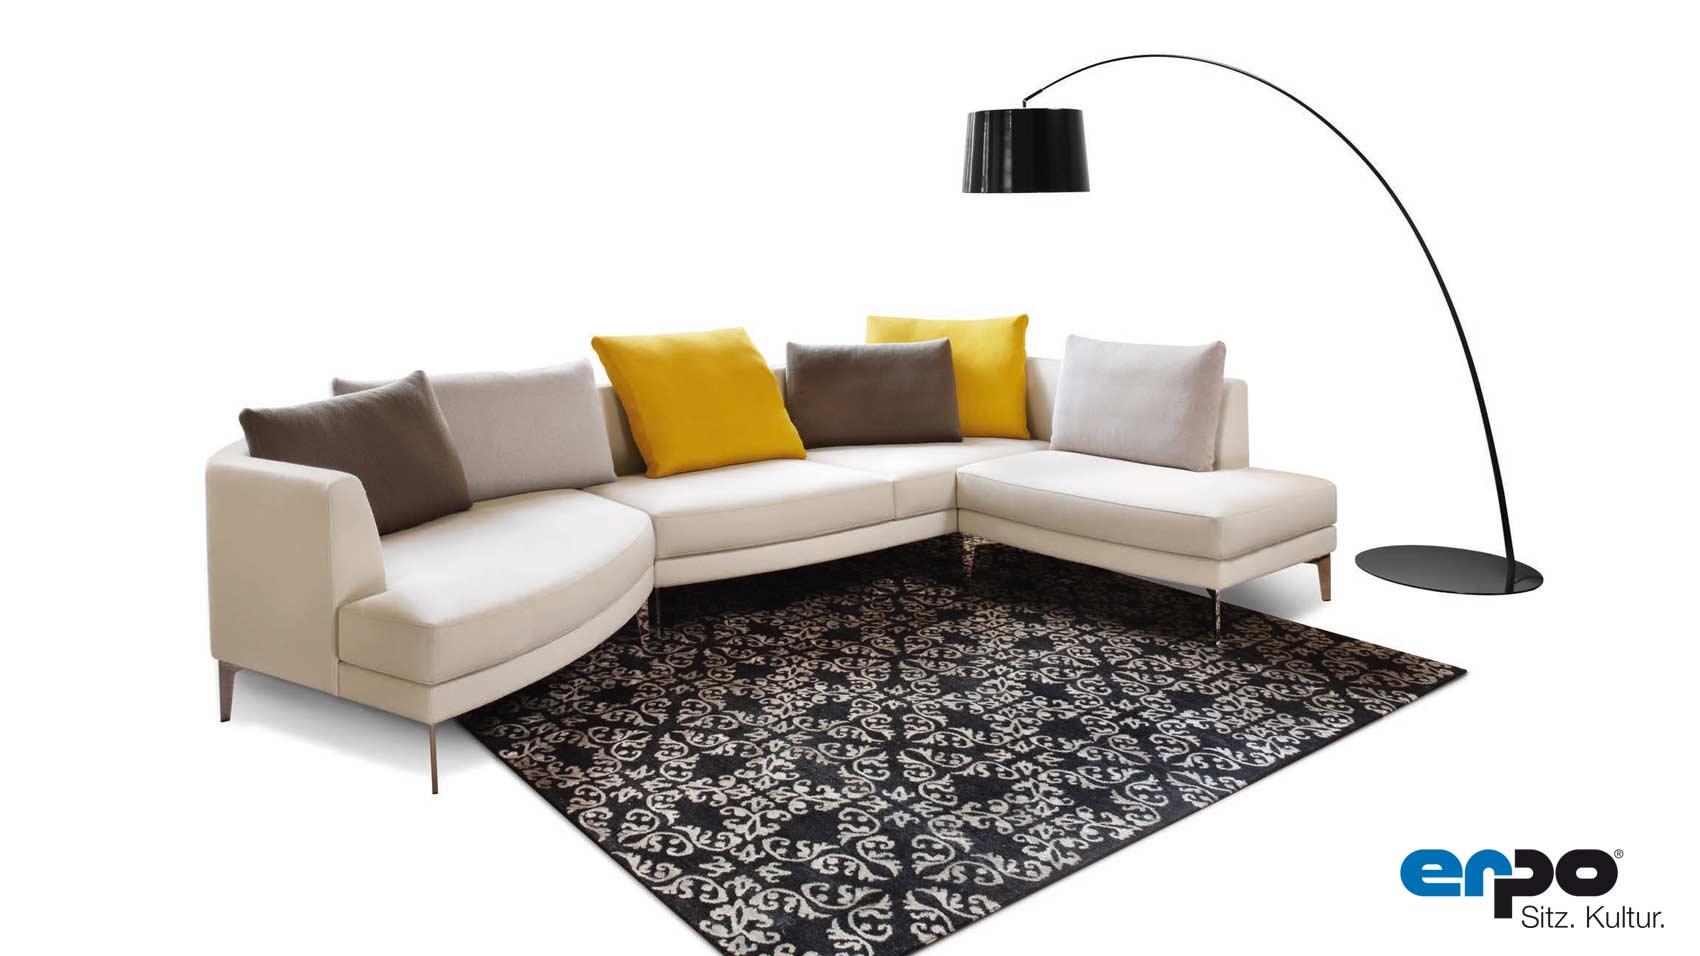 Möbel Jena möbelhaus und küchenstudio nahe weimar chen nahe erfurt jena